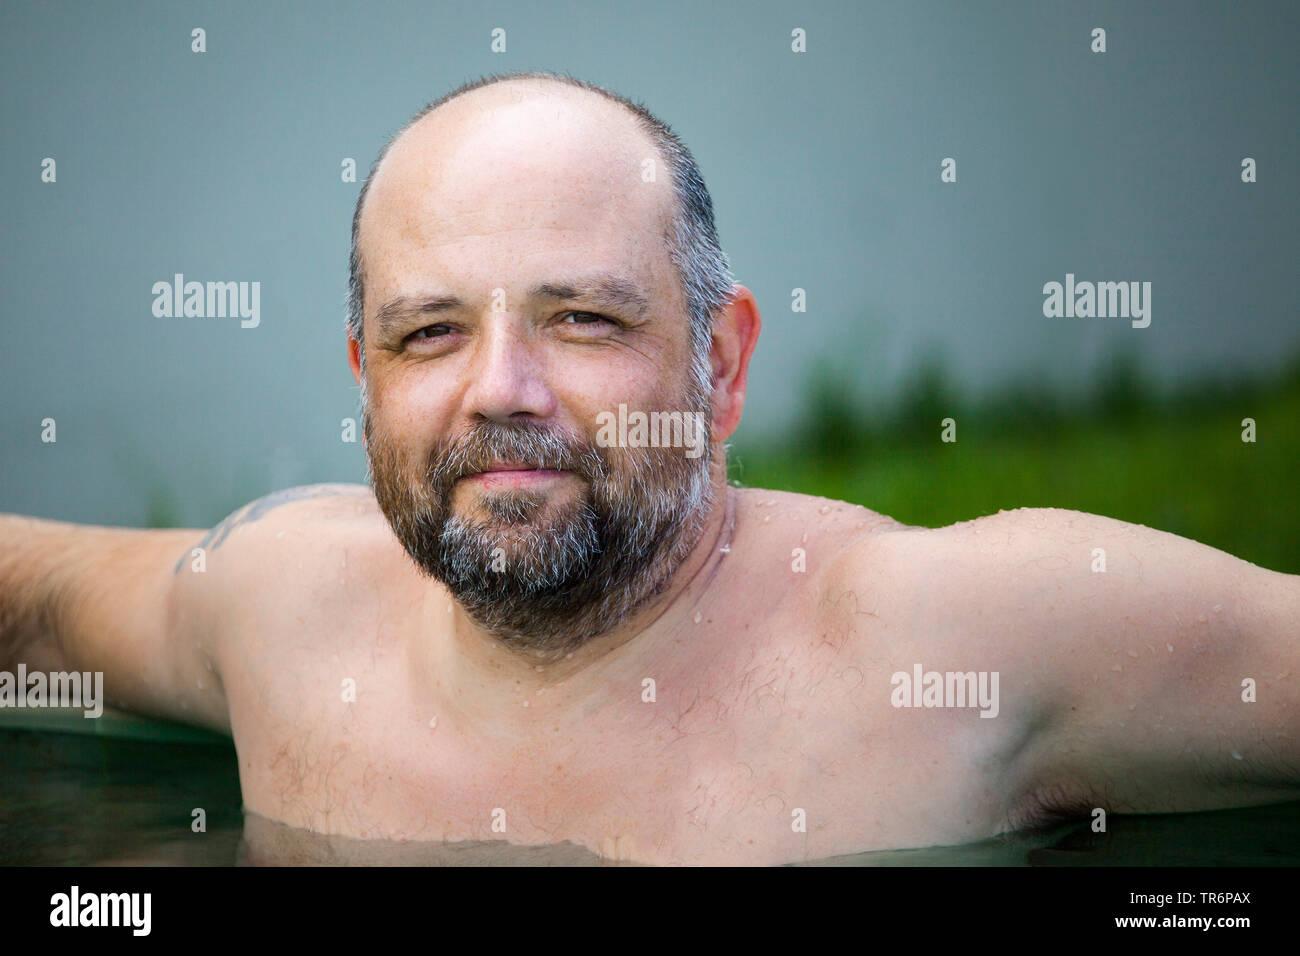 Mann mittleren Alters entspannt im Pool, Deutschland | man relaxing in the pool, Germany | BLWS488618.jpg [ (c) blickwinkel/McPHOTO/M. Gann Tel. +49 ( - Stock Image